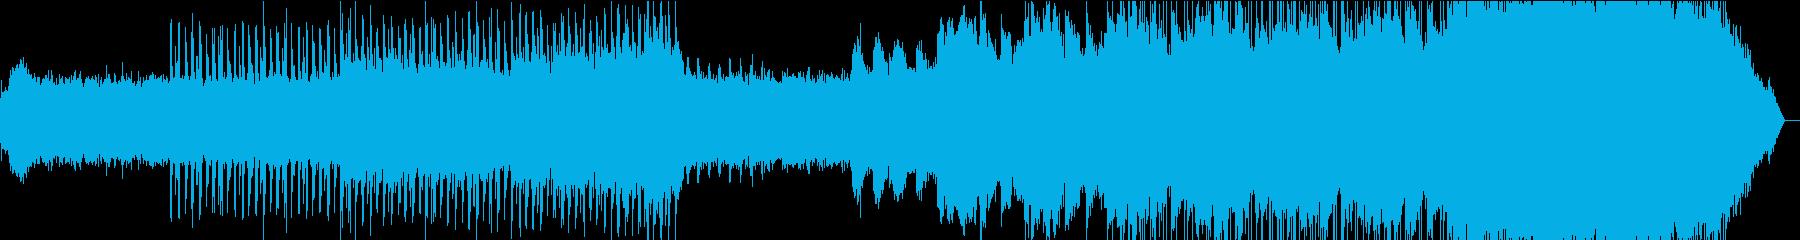 夜明けをイメージ/幻想的なエレクトロニカの再生済みの波形